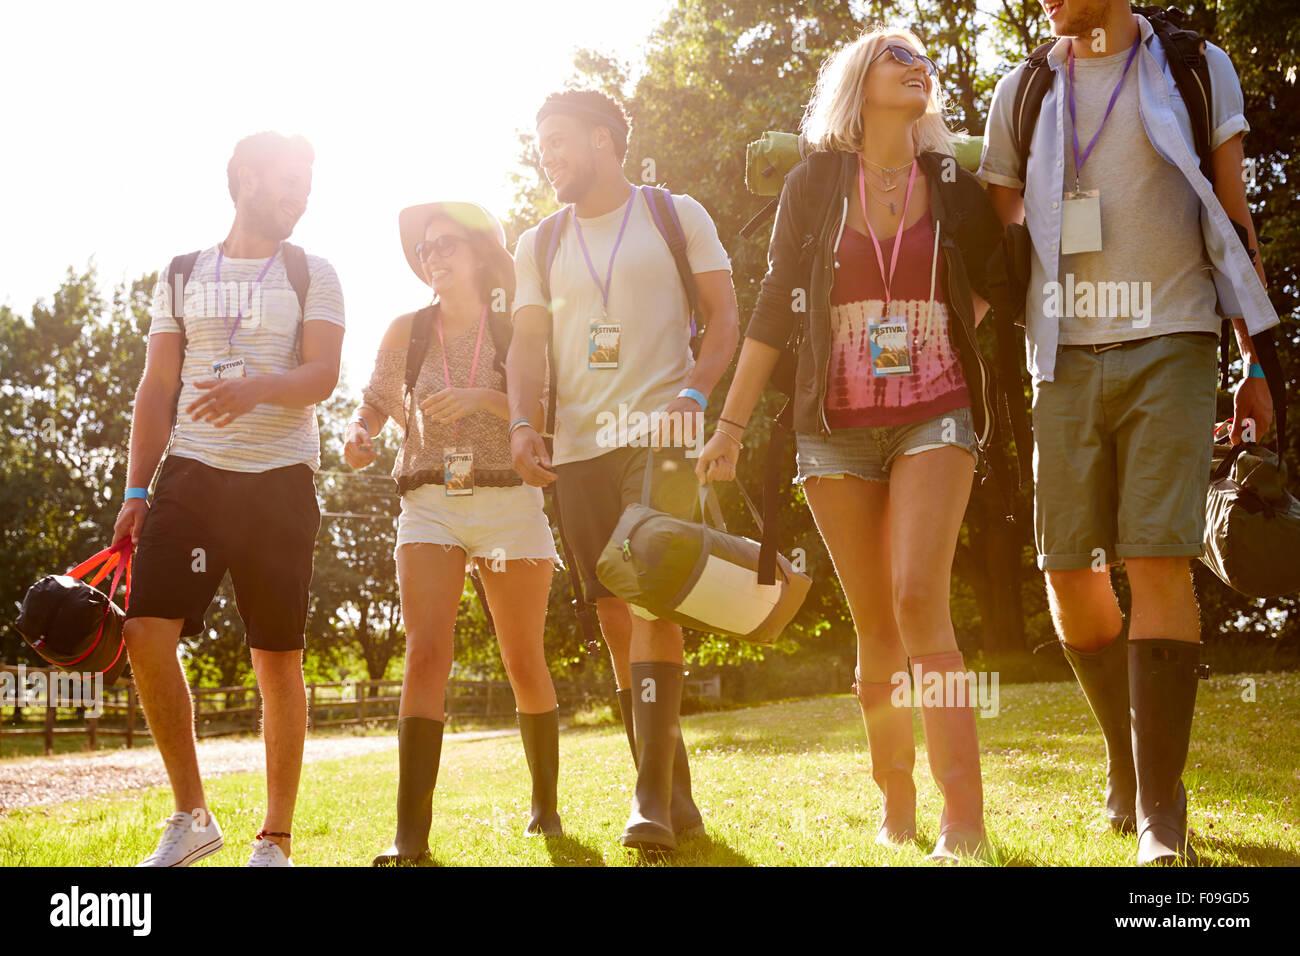 Groupe de jeunes gens allant du camping au Festival de Musique Photo Stock